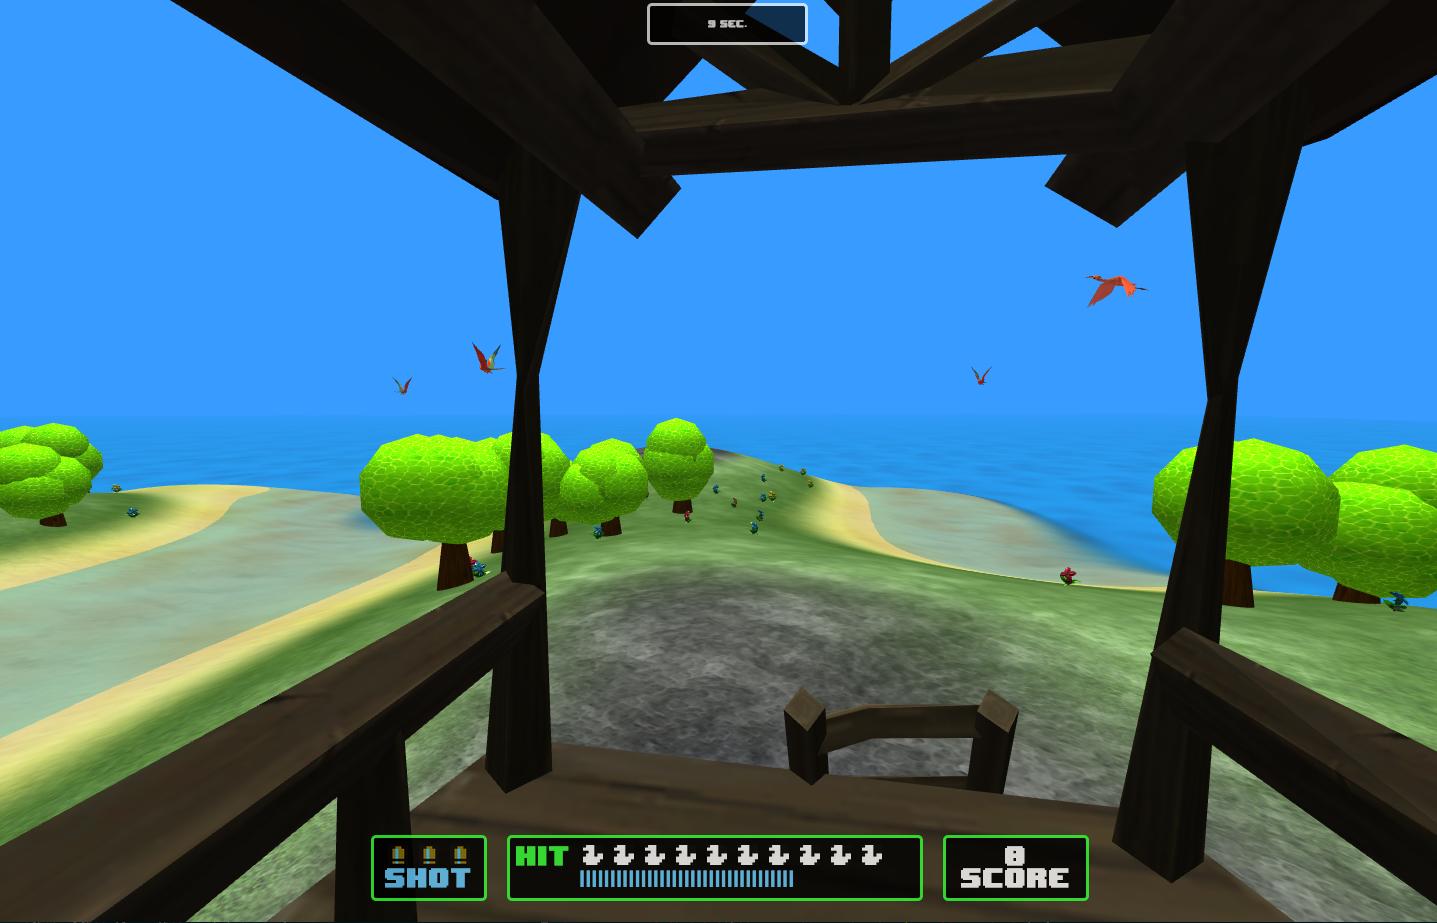 WebGL 游戏 ParrotHunt